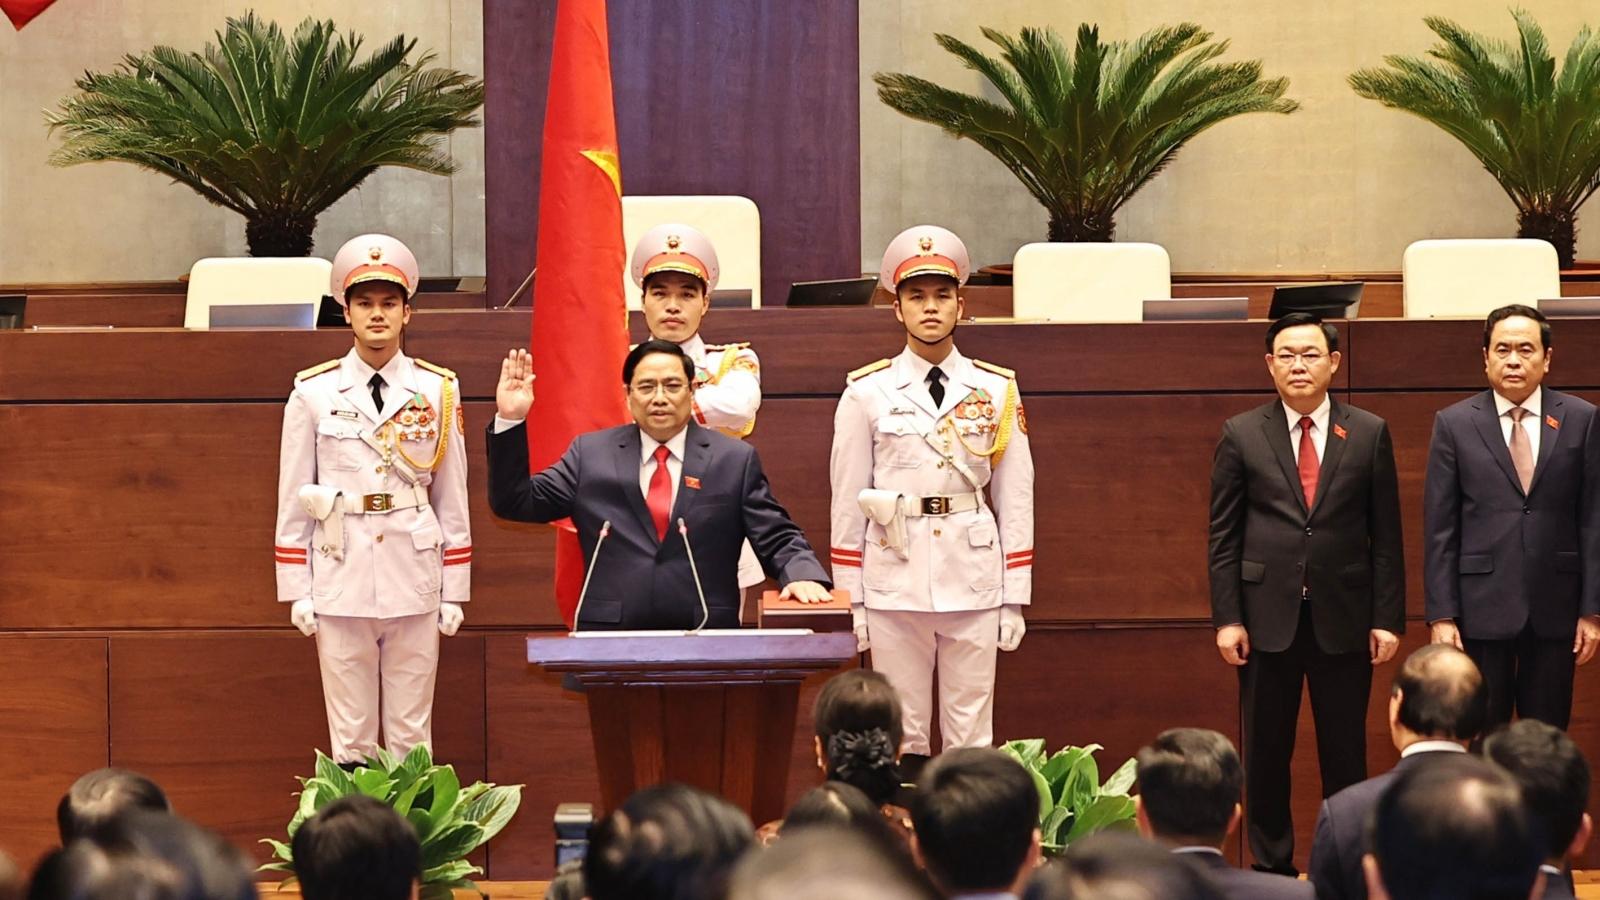 Chính khách Pháp: Việt Nam đứng trước cơ hội khẳng định vị thế quốc tế